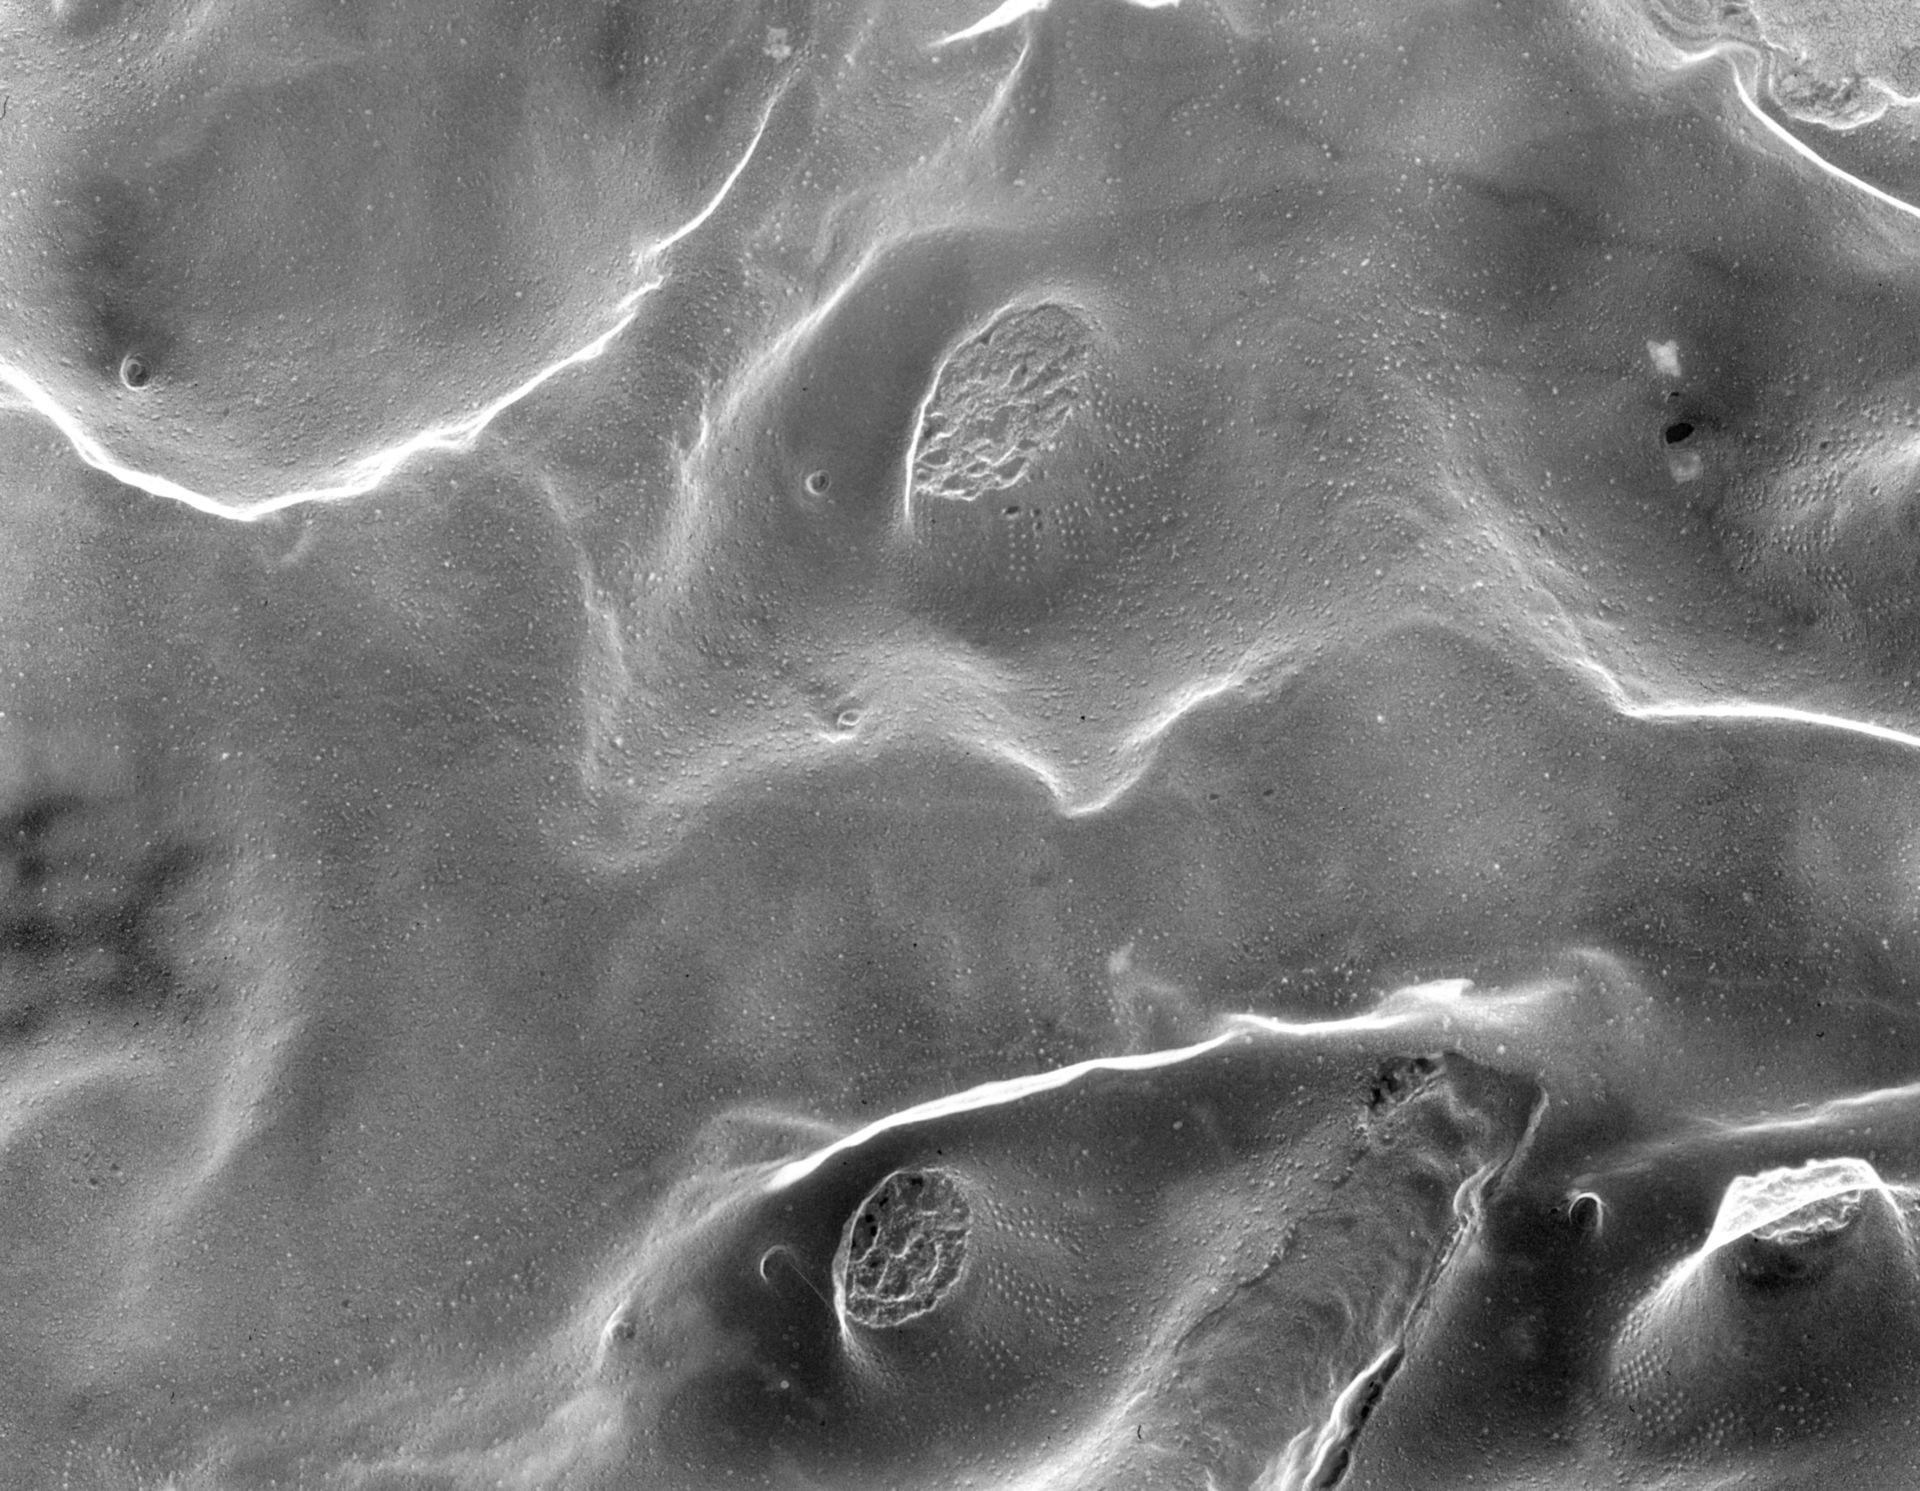 Paramecium multimicronucleatum (Trichocisti)- CIL:39317